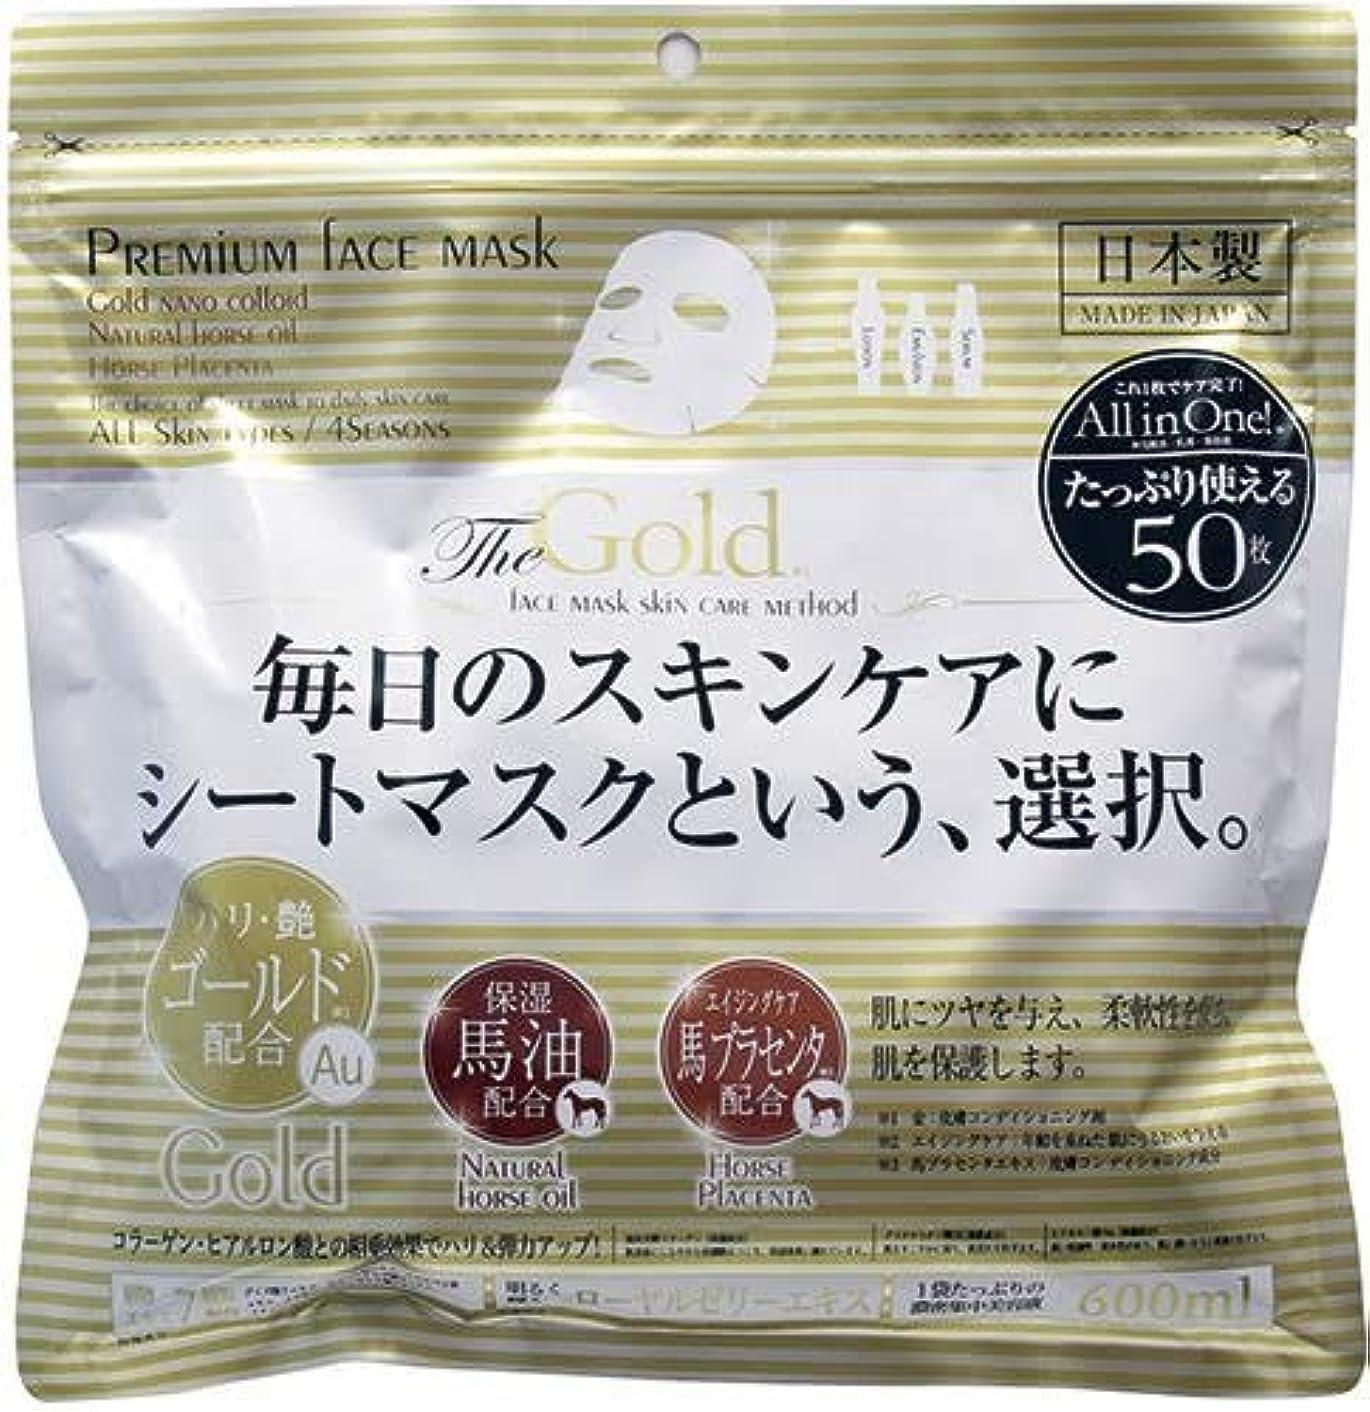 ボタンエレベーターガイドラインプレミアムフェイスマスク ゴールド 50枚入 6個セット ★化粧水、乳液、美容液 ★オールインワンシートマスク